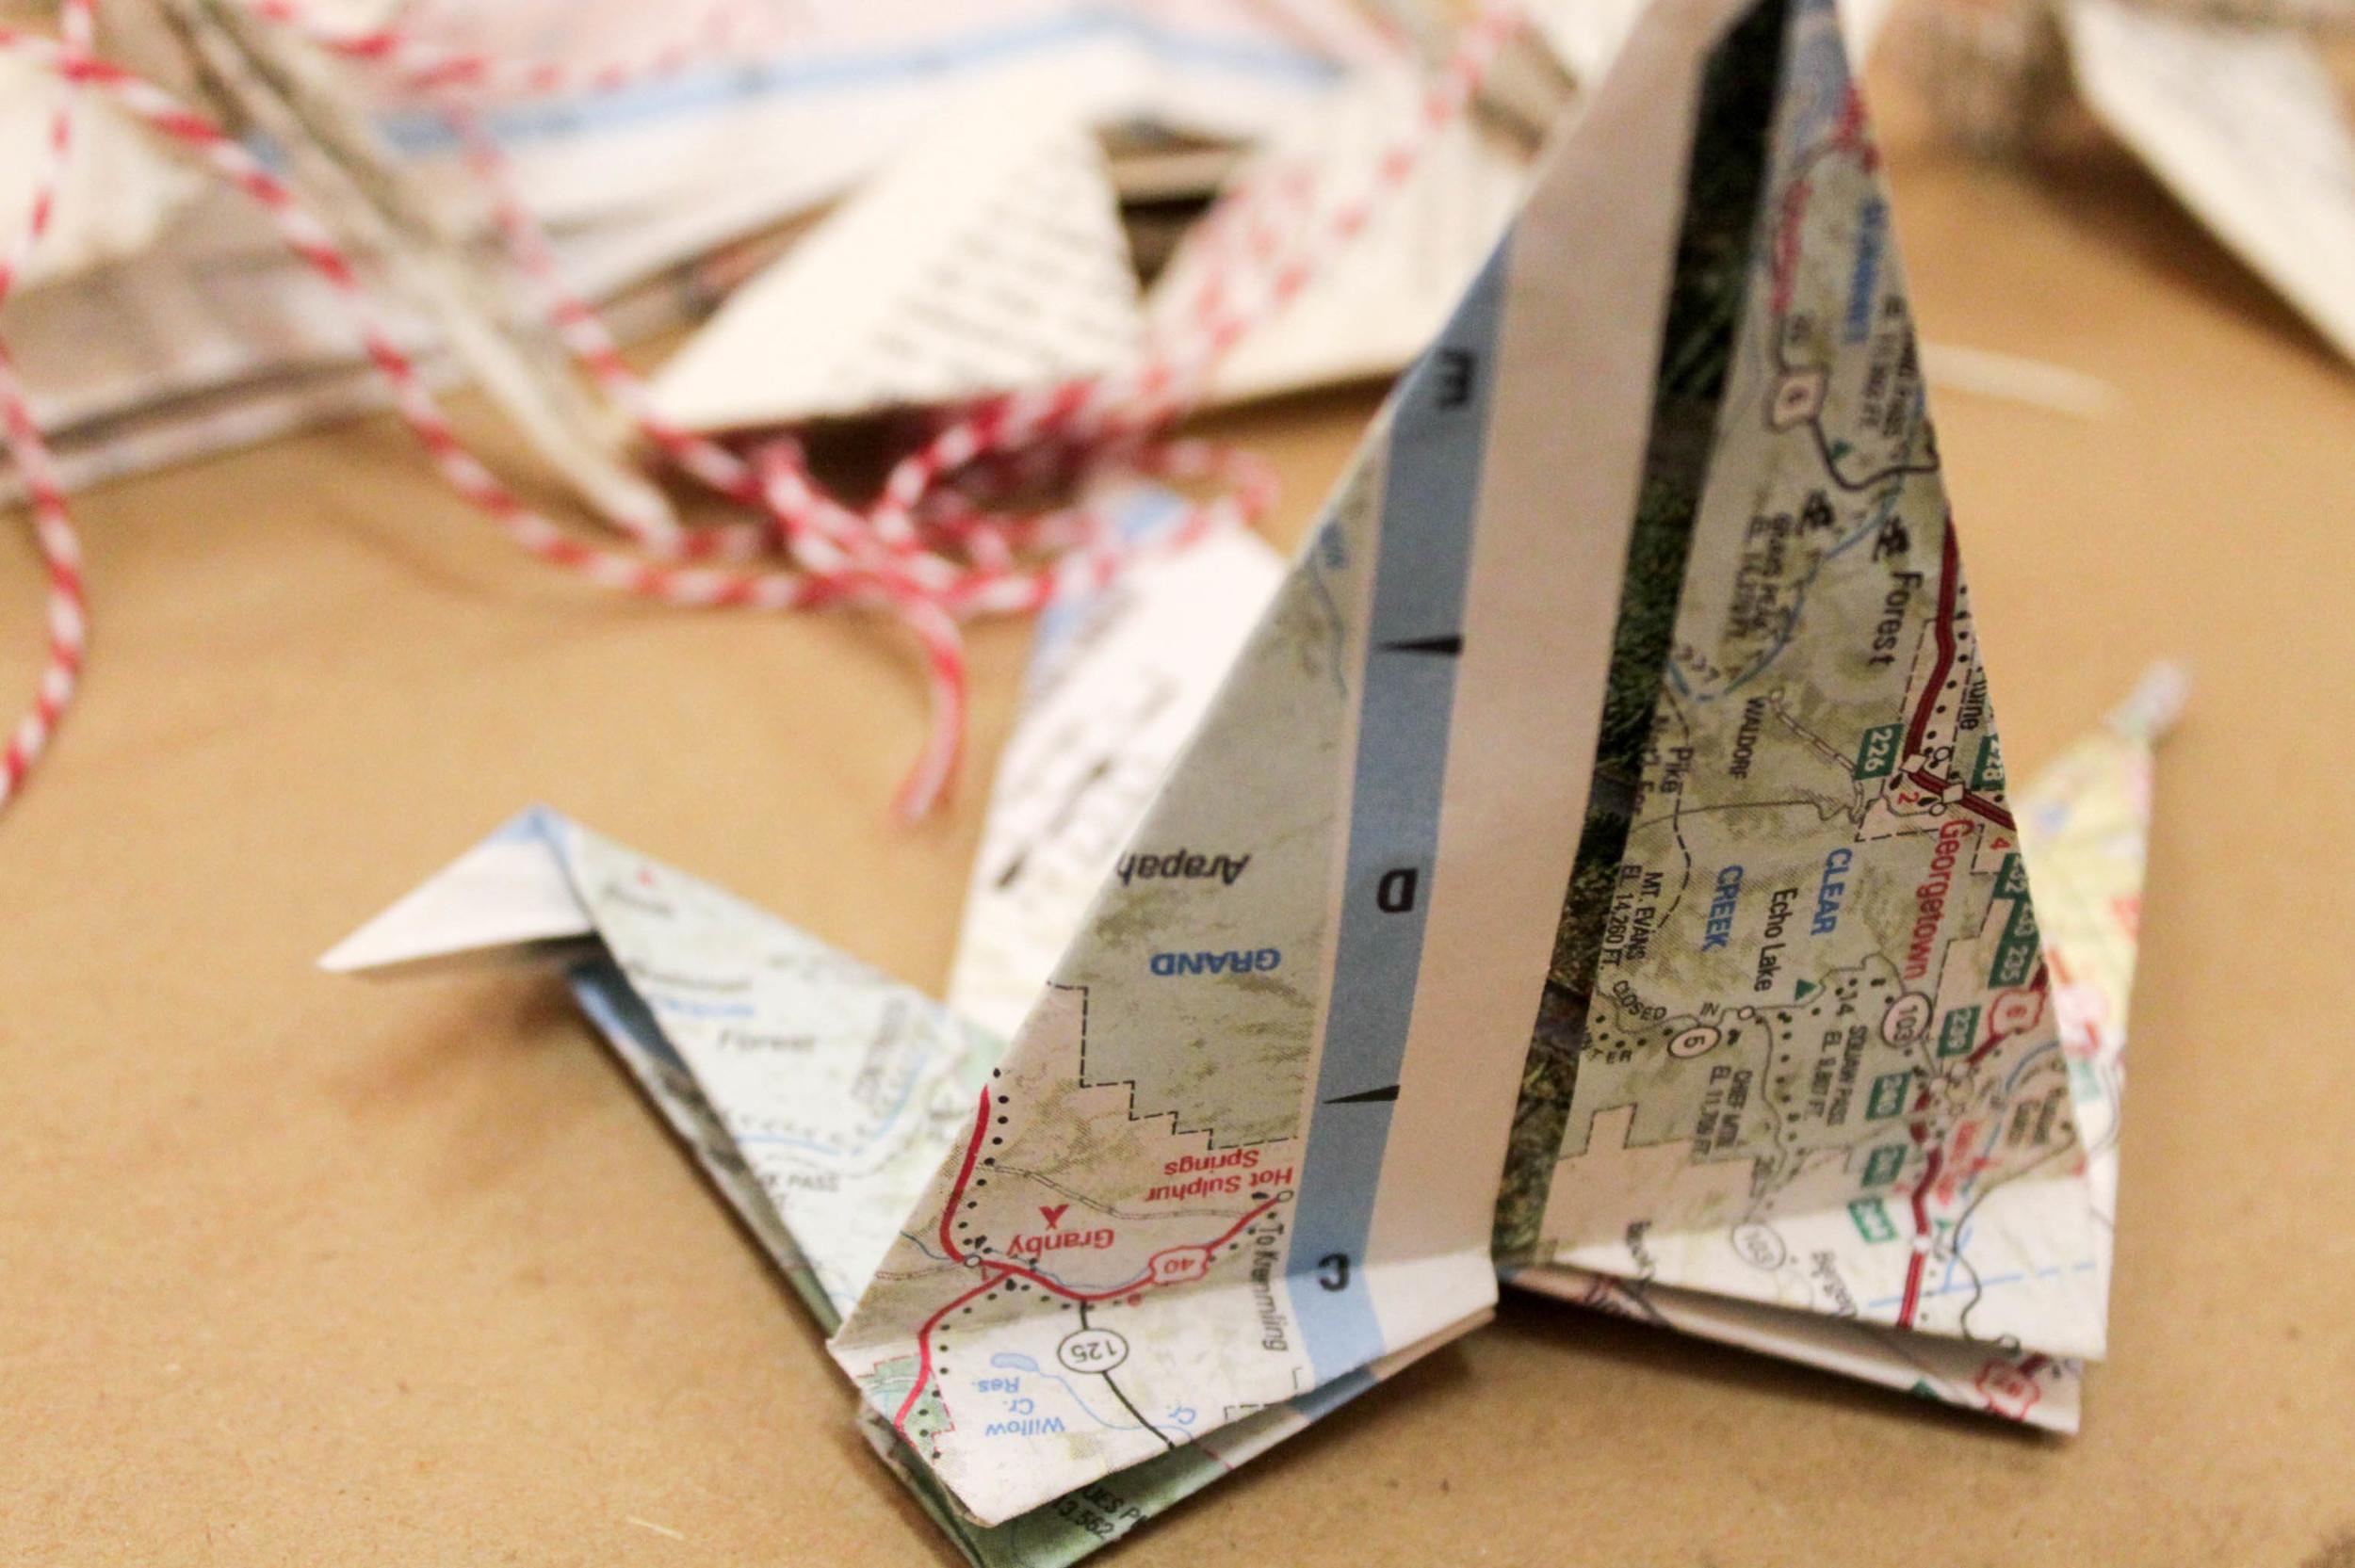 paper-cranes-etxe-22.jpg